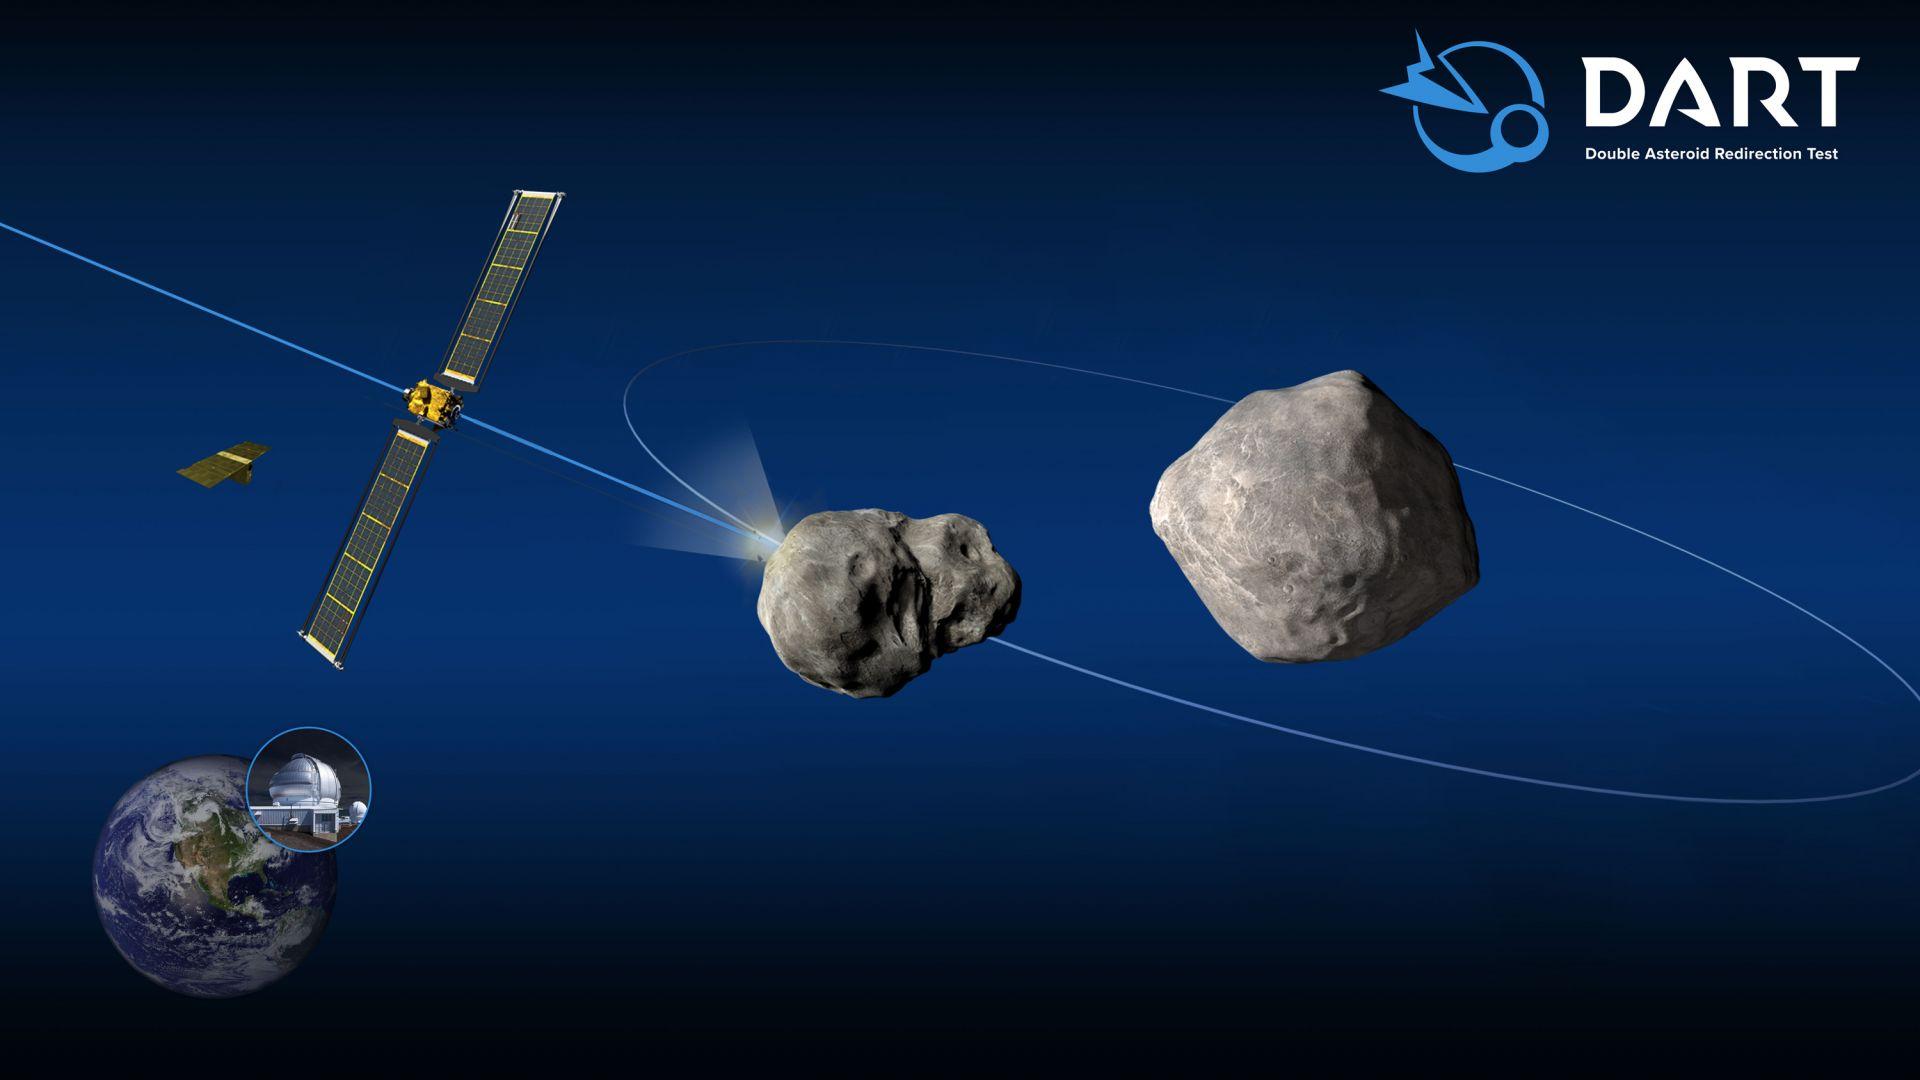 С DART ще тестваме технология, която може да спаси живота на Земята от сблъсък с астероид